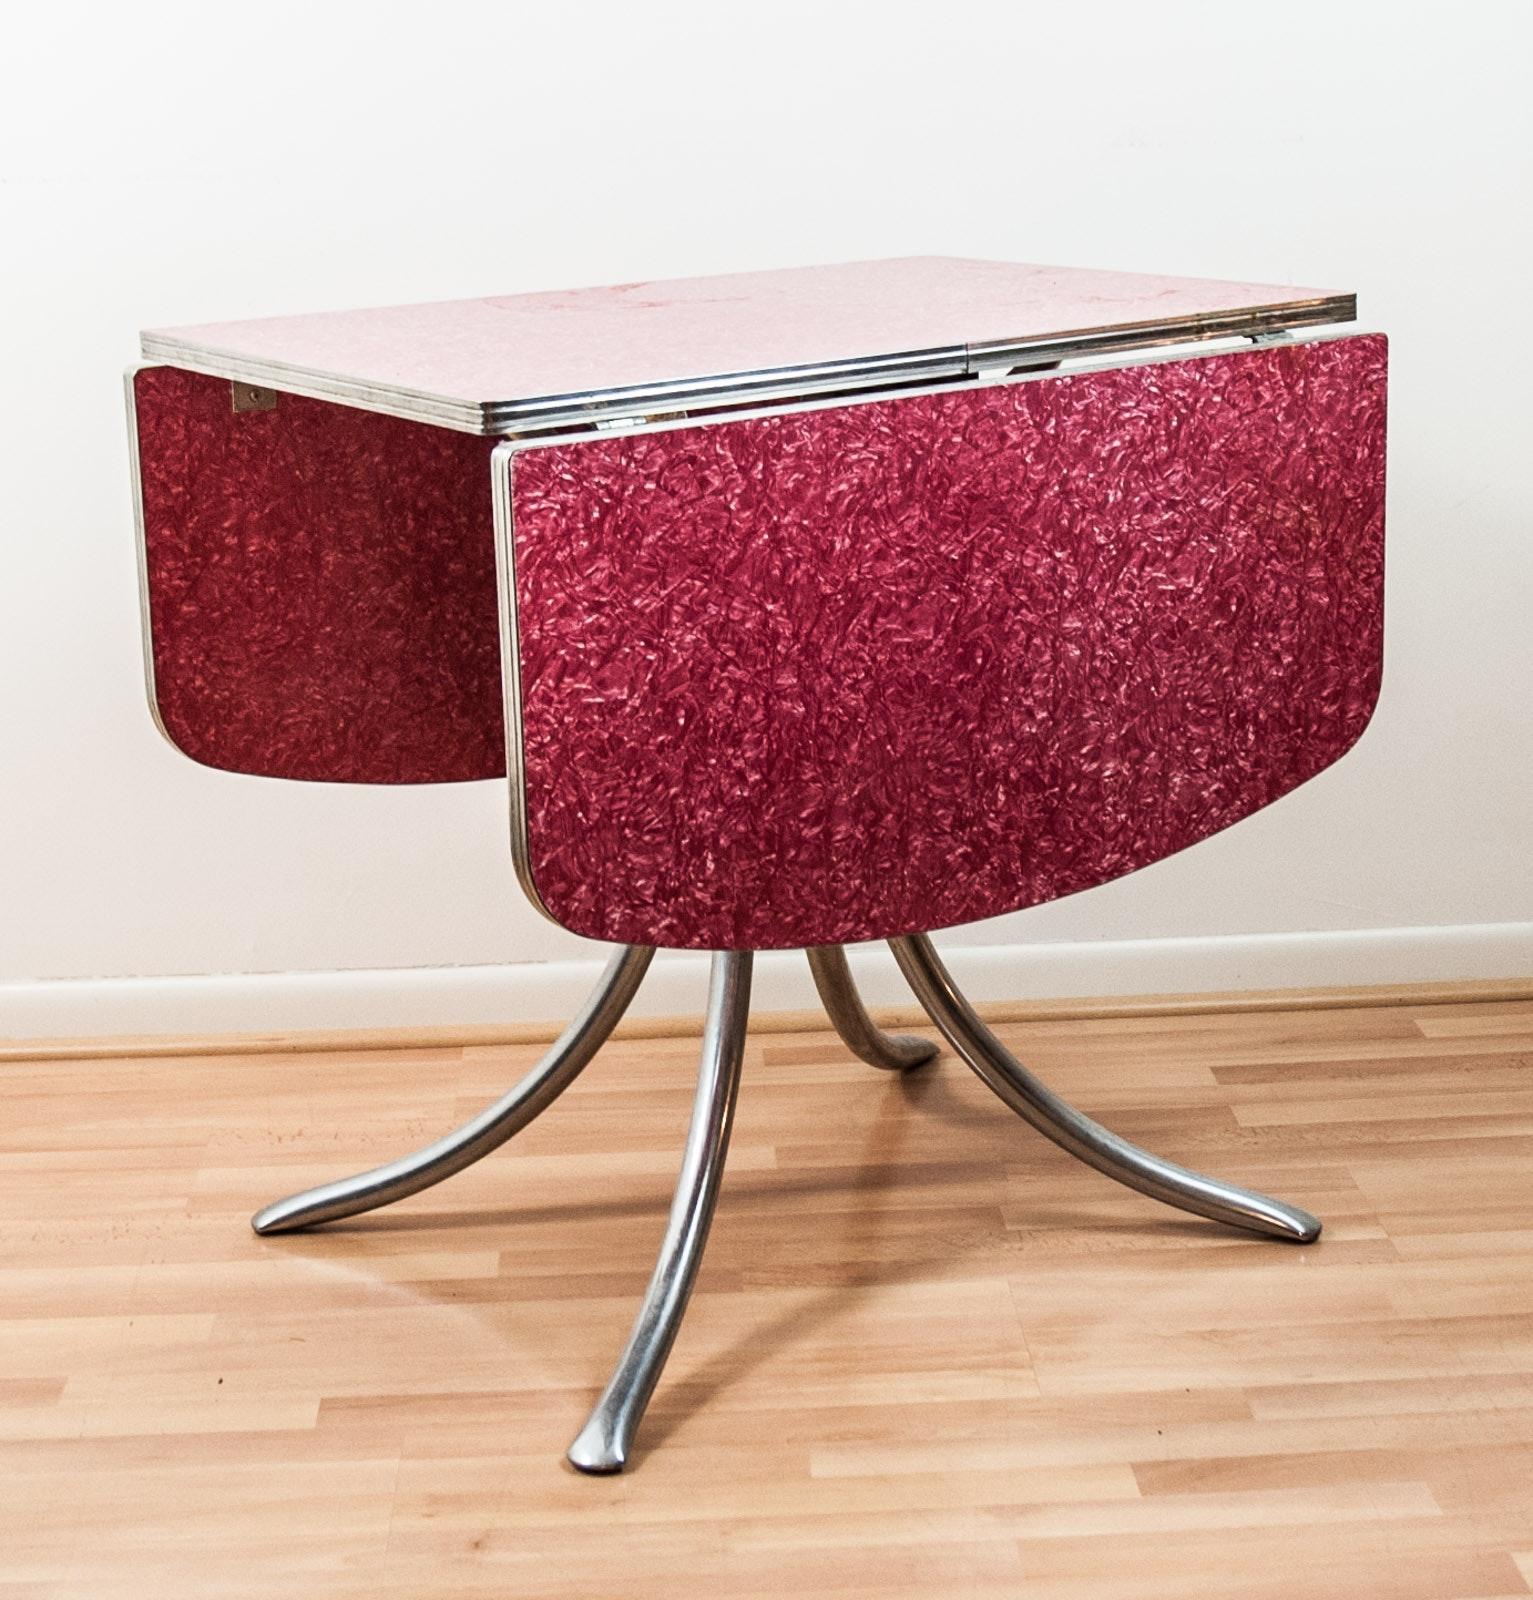 Vintage Mid Century Modern Drop-Leaf Table